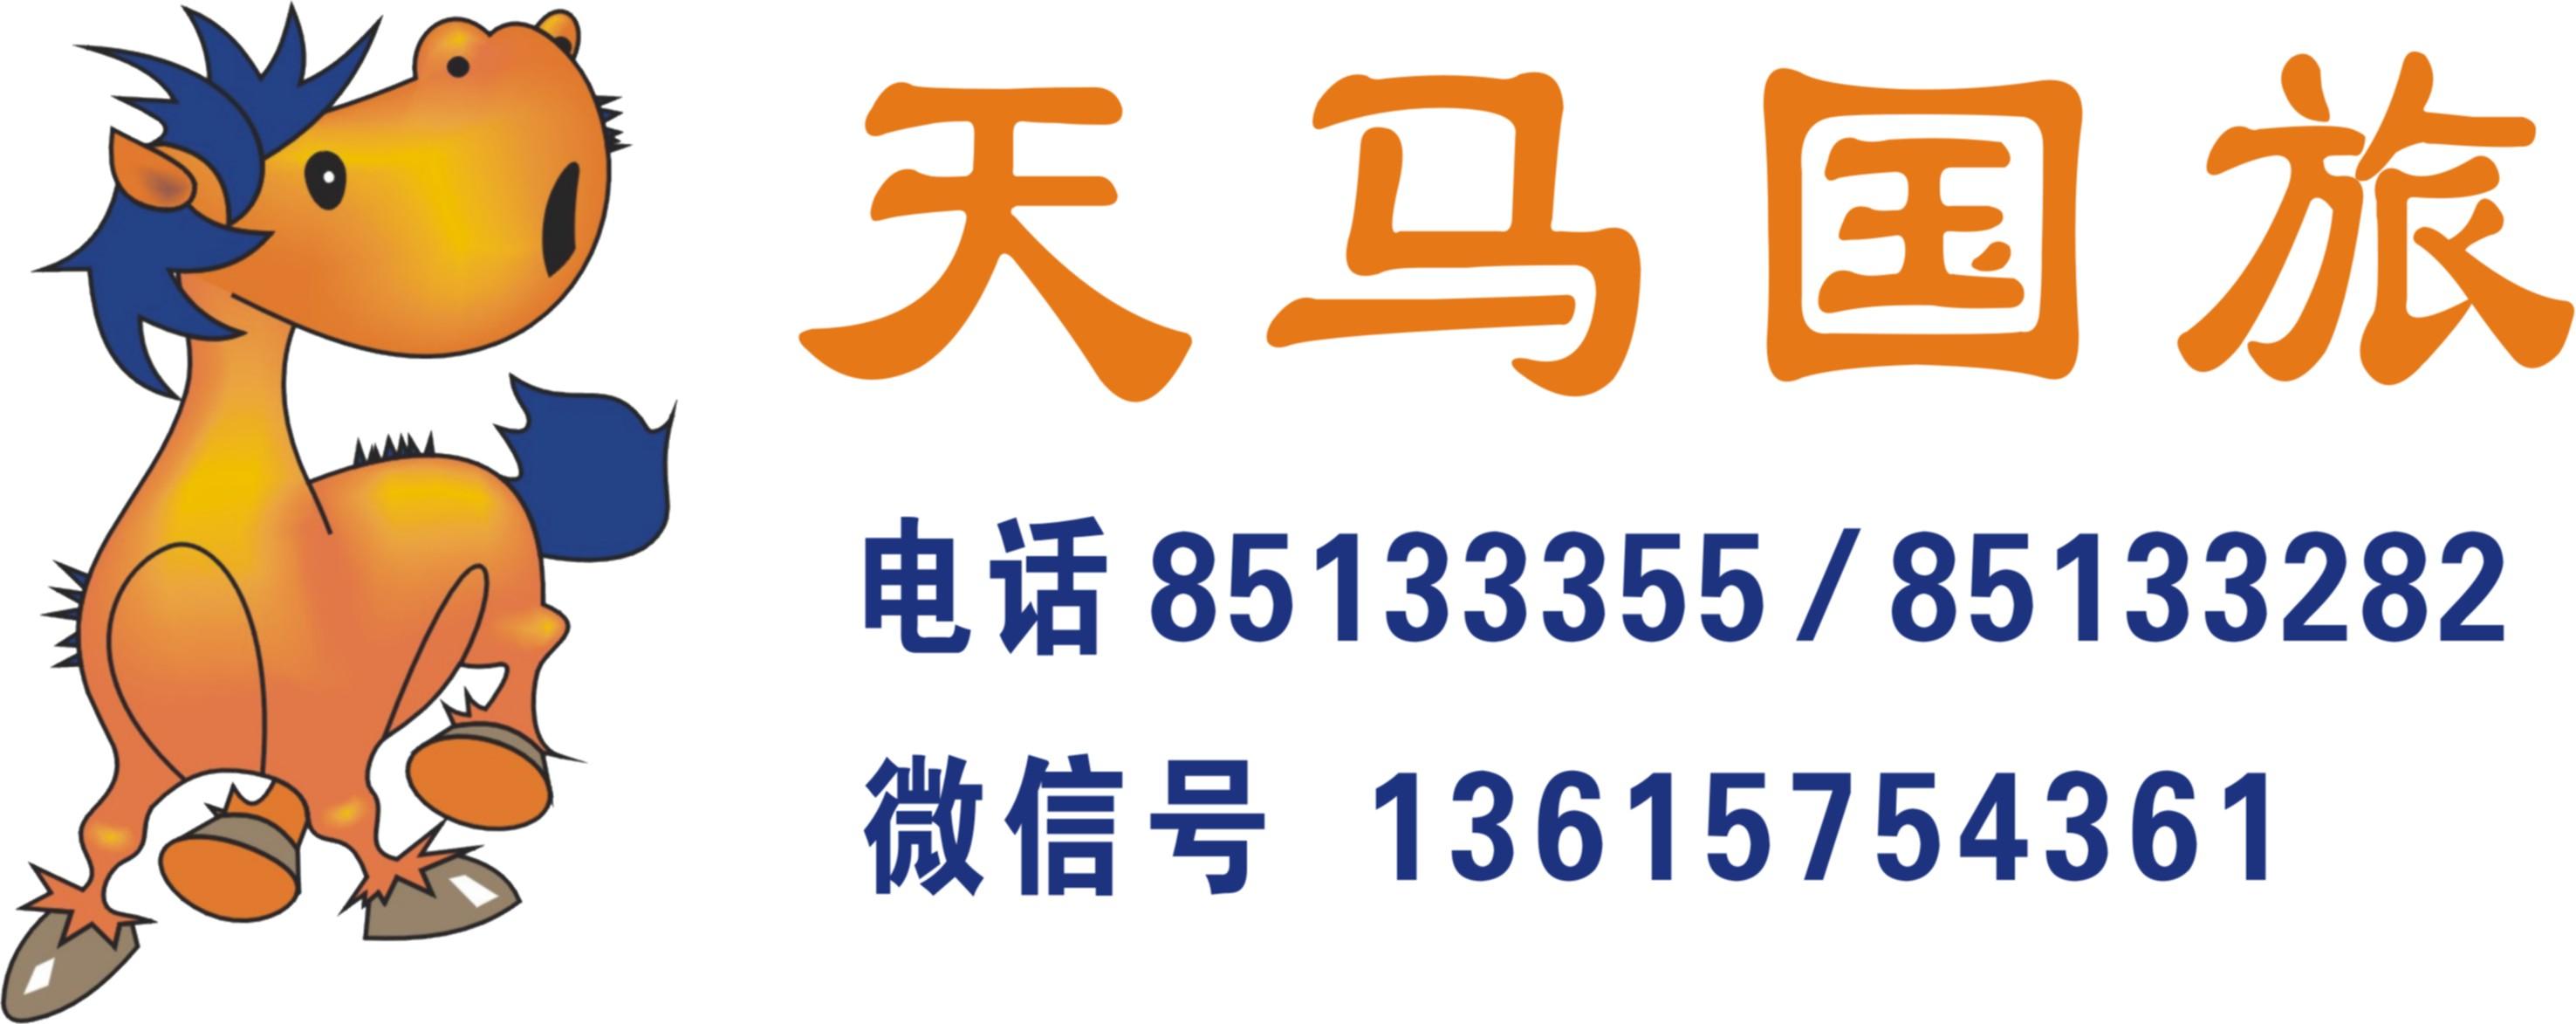 2-3【乐游鹭岛 厦门鼓浪屿、云上厦门、南普陀双动三日】经济